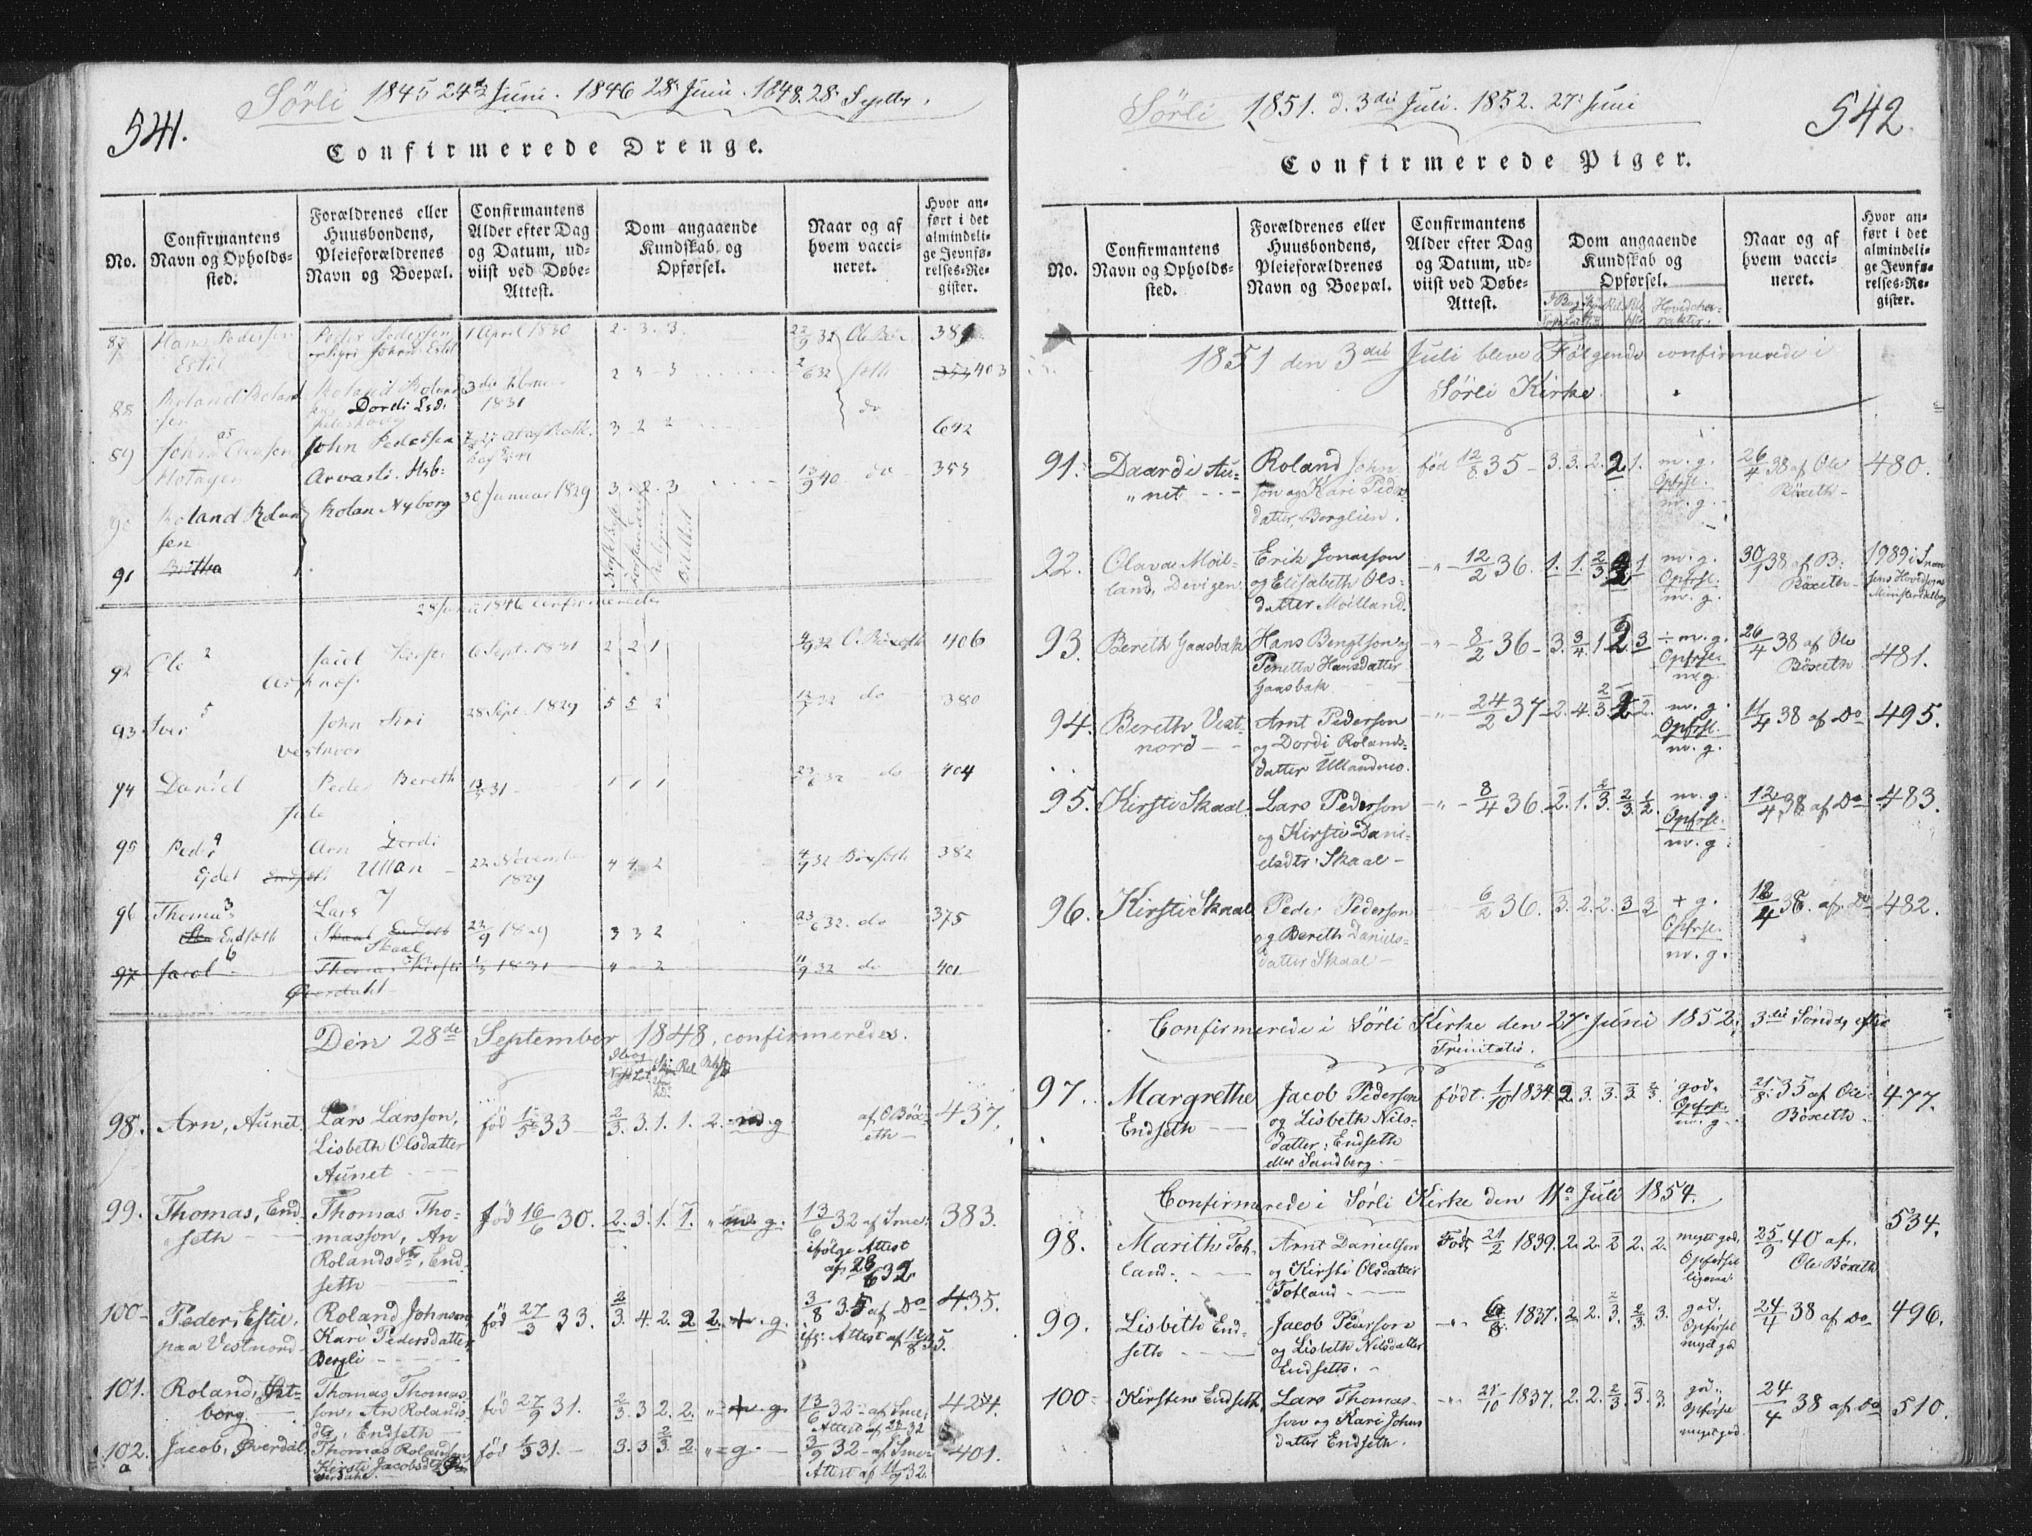 SAT, Ministerialprotokoller, klokkerbøker og fødselsregistre - Nord-Trøndelag, 755/L0491: Ministerialbok nr. 755A01 /2, 1817-1864, s. 541-542